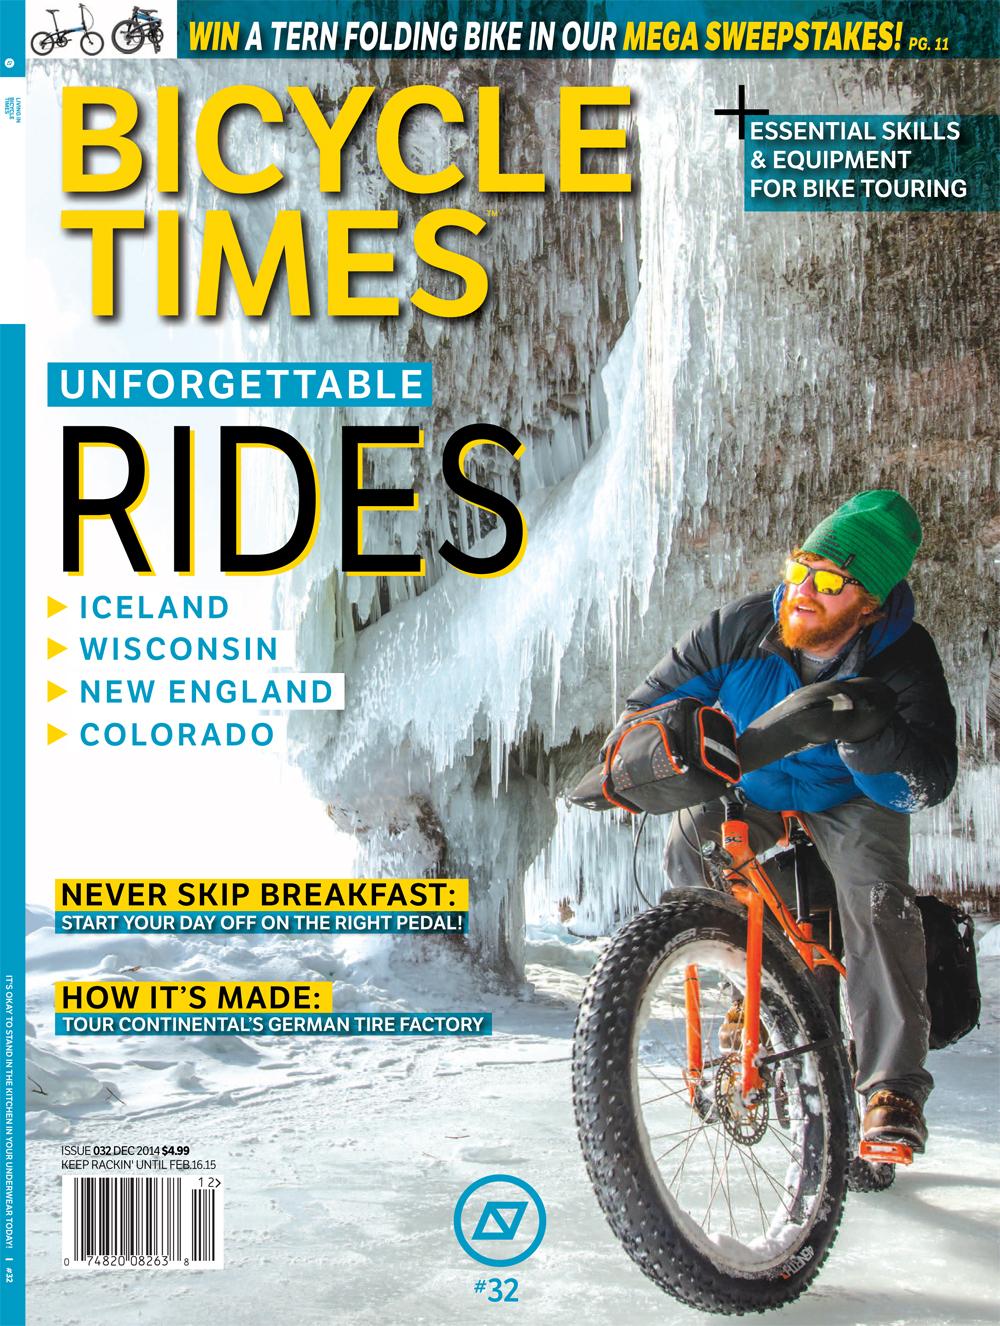 BicycleTimes 32_C1